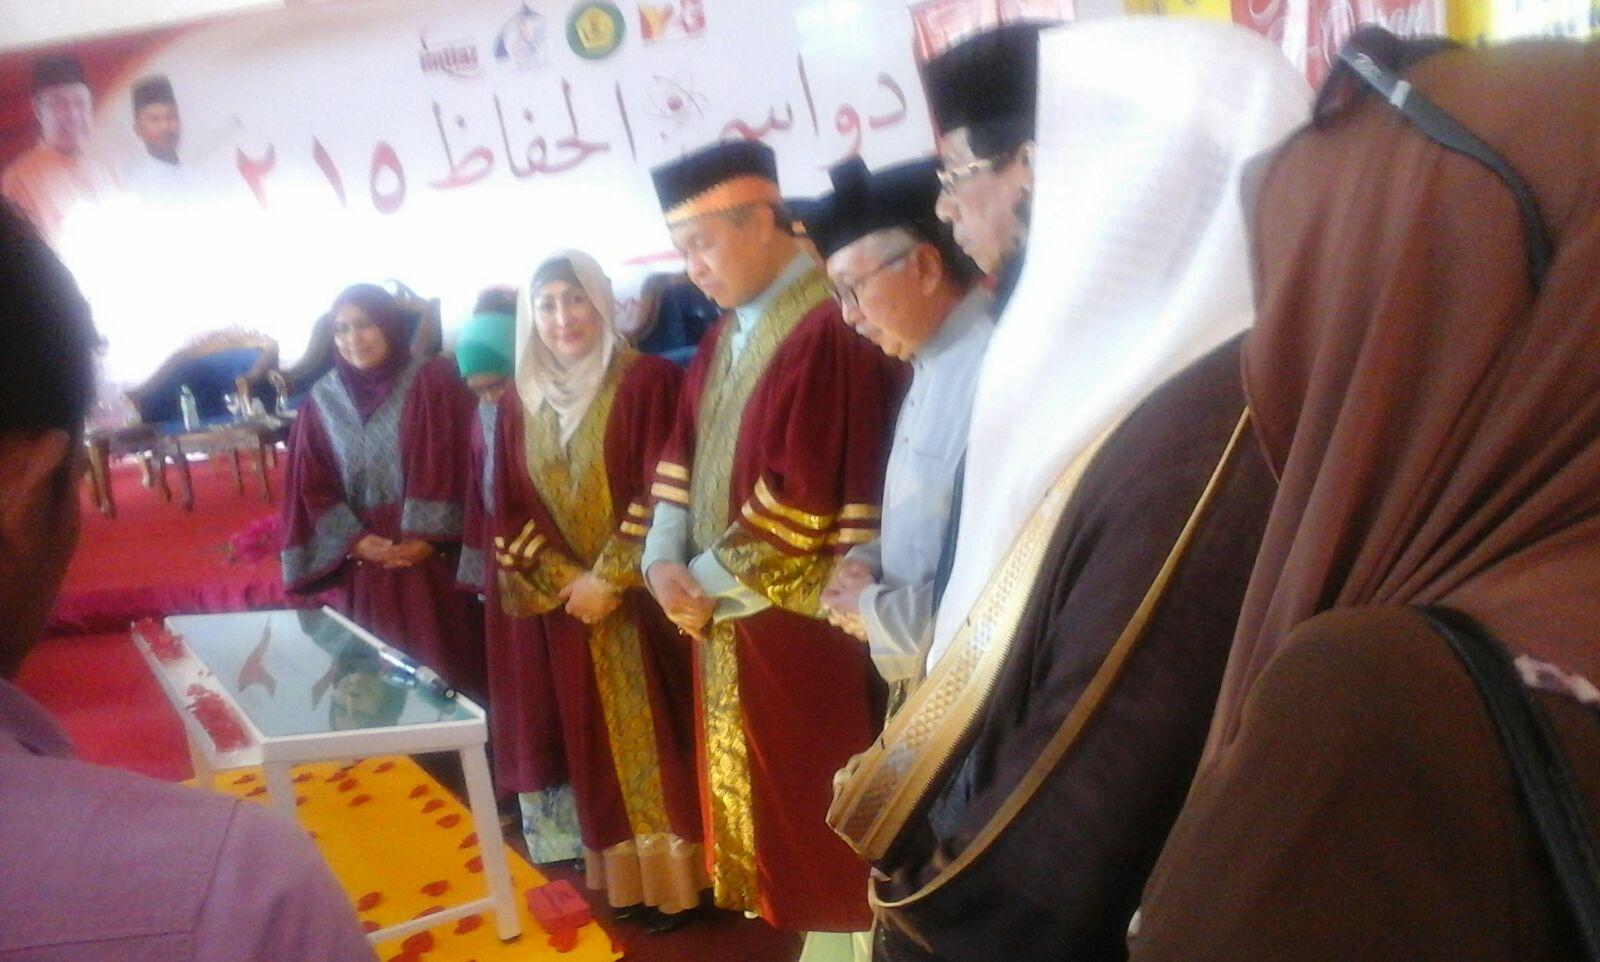 AHMAD ZAHIDI: ISLAM AGAMA TERBUKA BUKAN TEROR